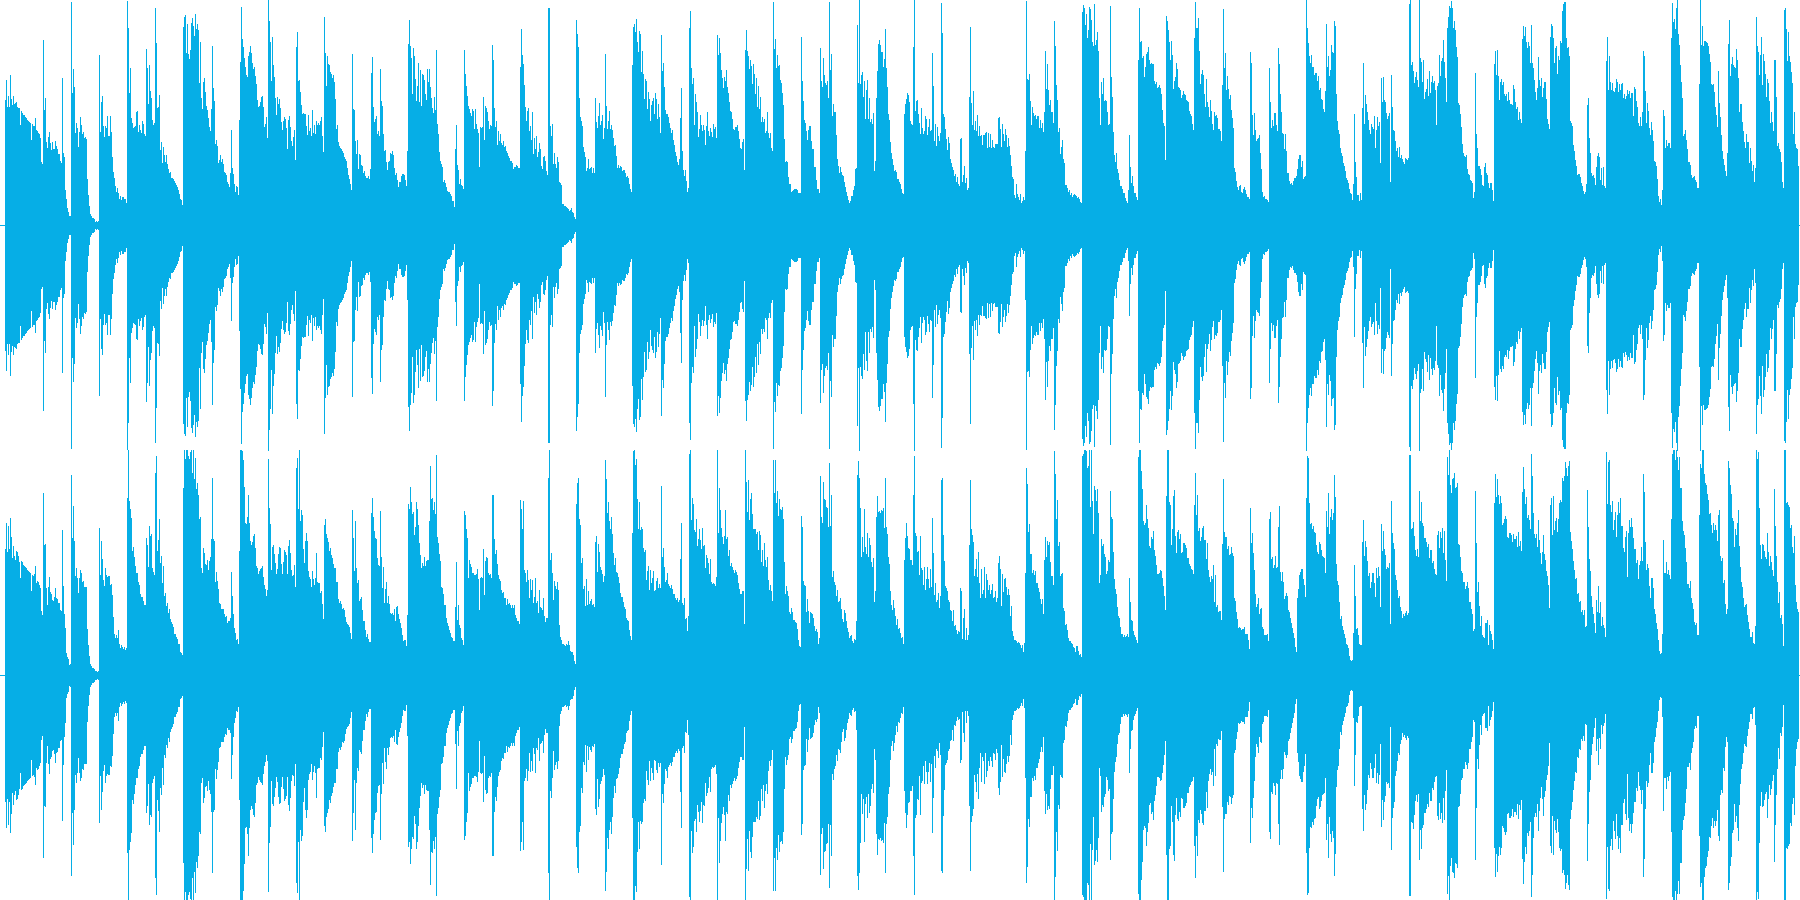 ほのぼの・安心・あたたかいイメージのア…の再生済みの波形